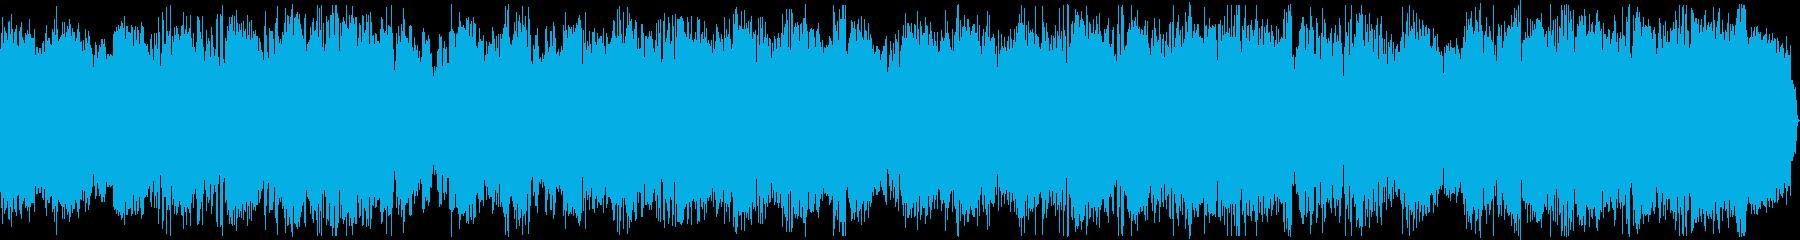 ハードなシンセがノリノリのEDMジングルの再生済みの波形